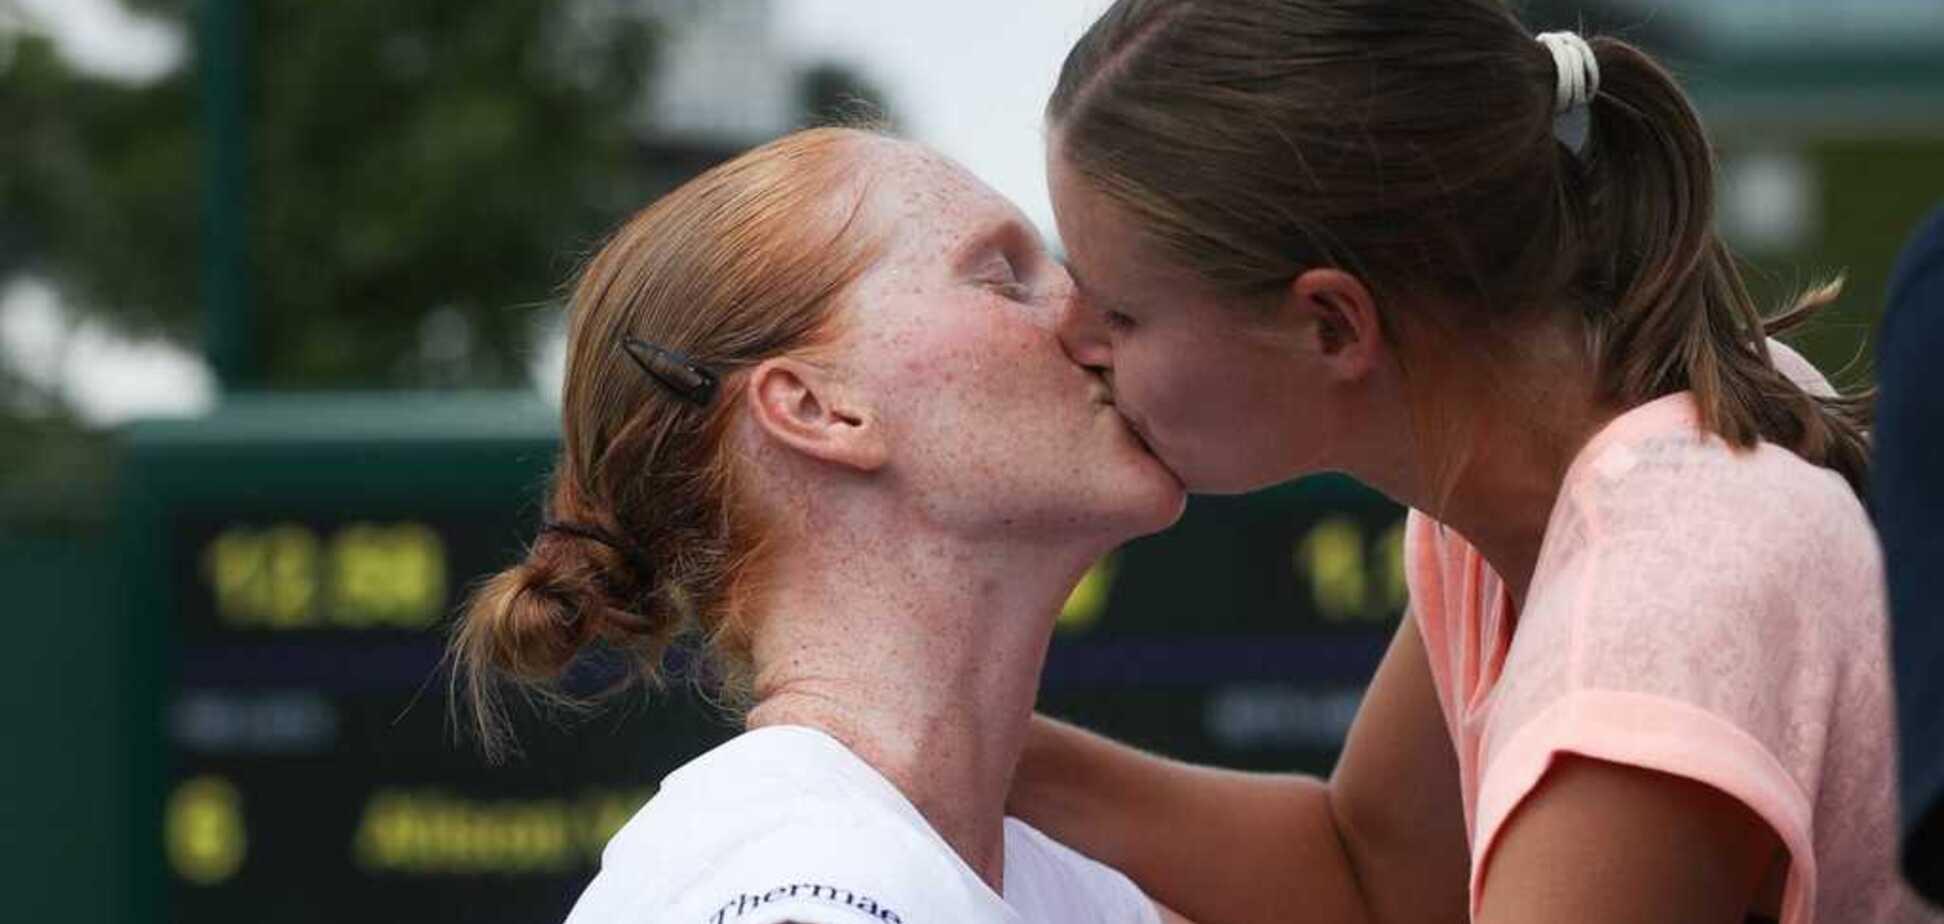 Тенісистки-лесбіянки вразили інтимним вчинком після матчу